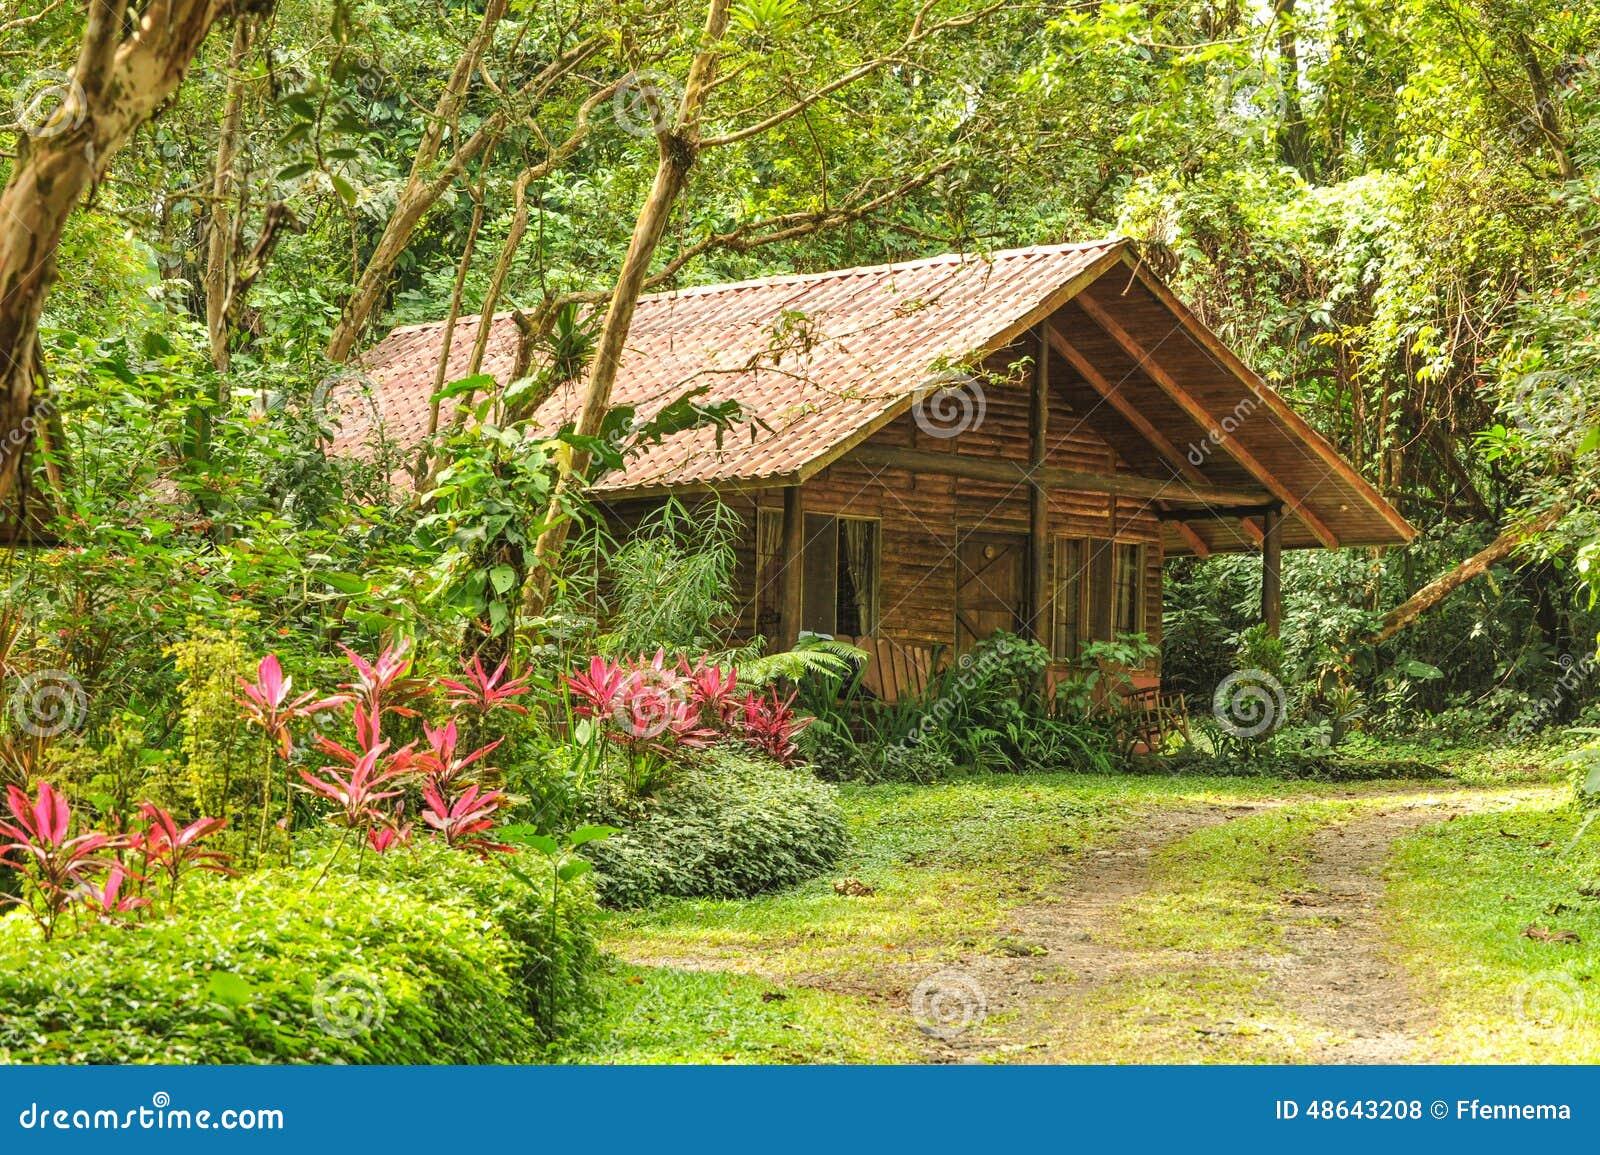 Cabane en rondins en bois dans une for t tropicale tropicale photo stock im - La maison au milieu des bois ...